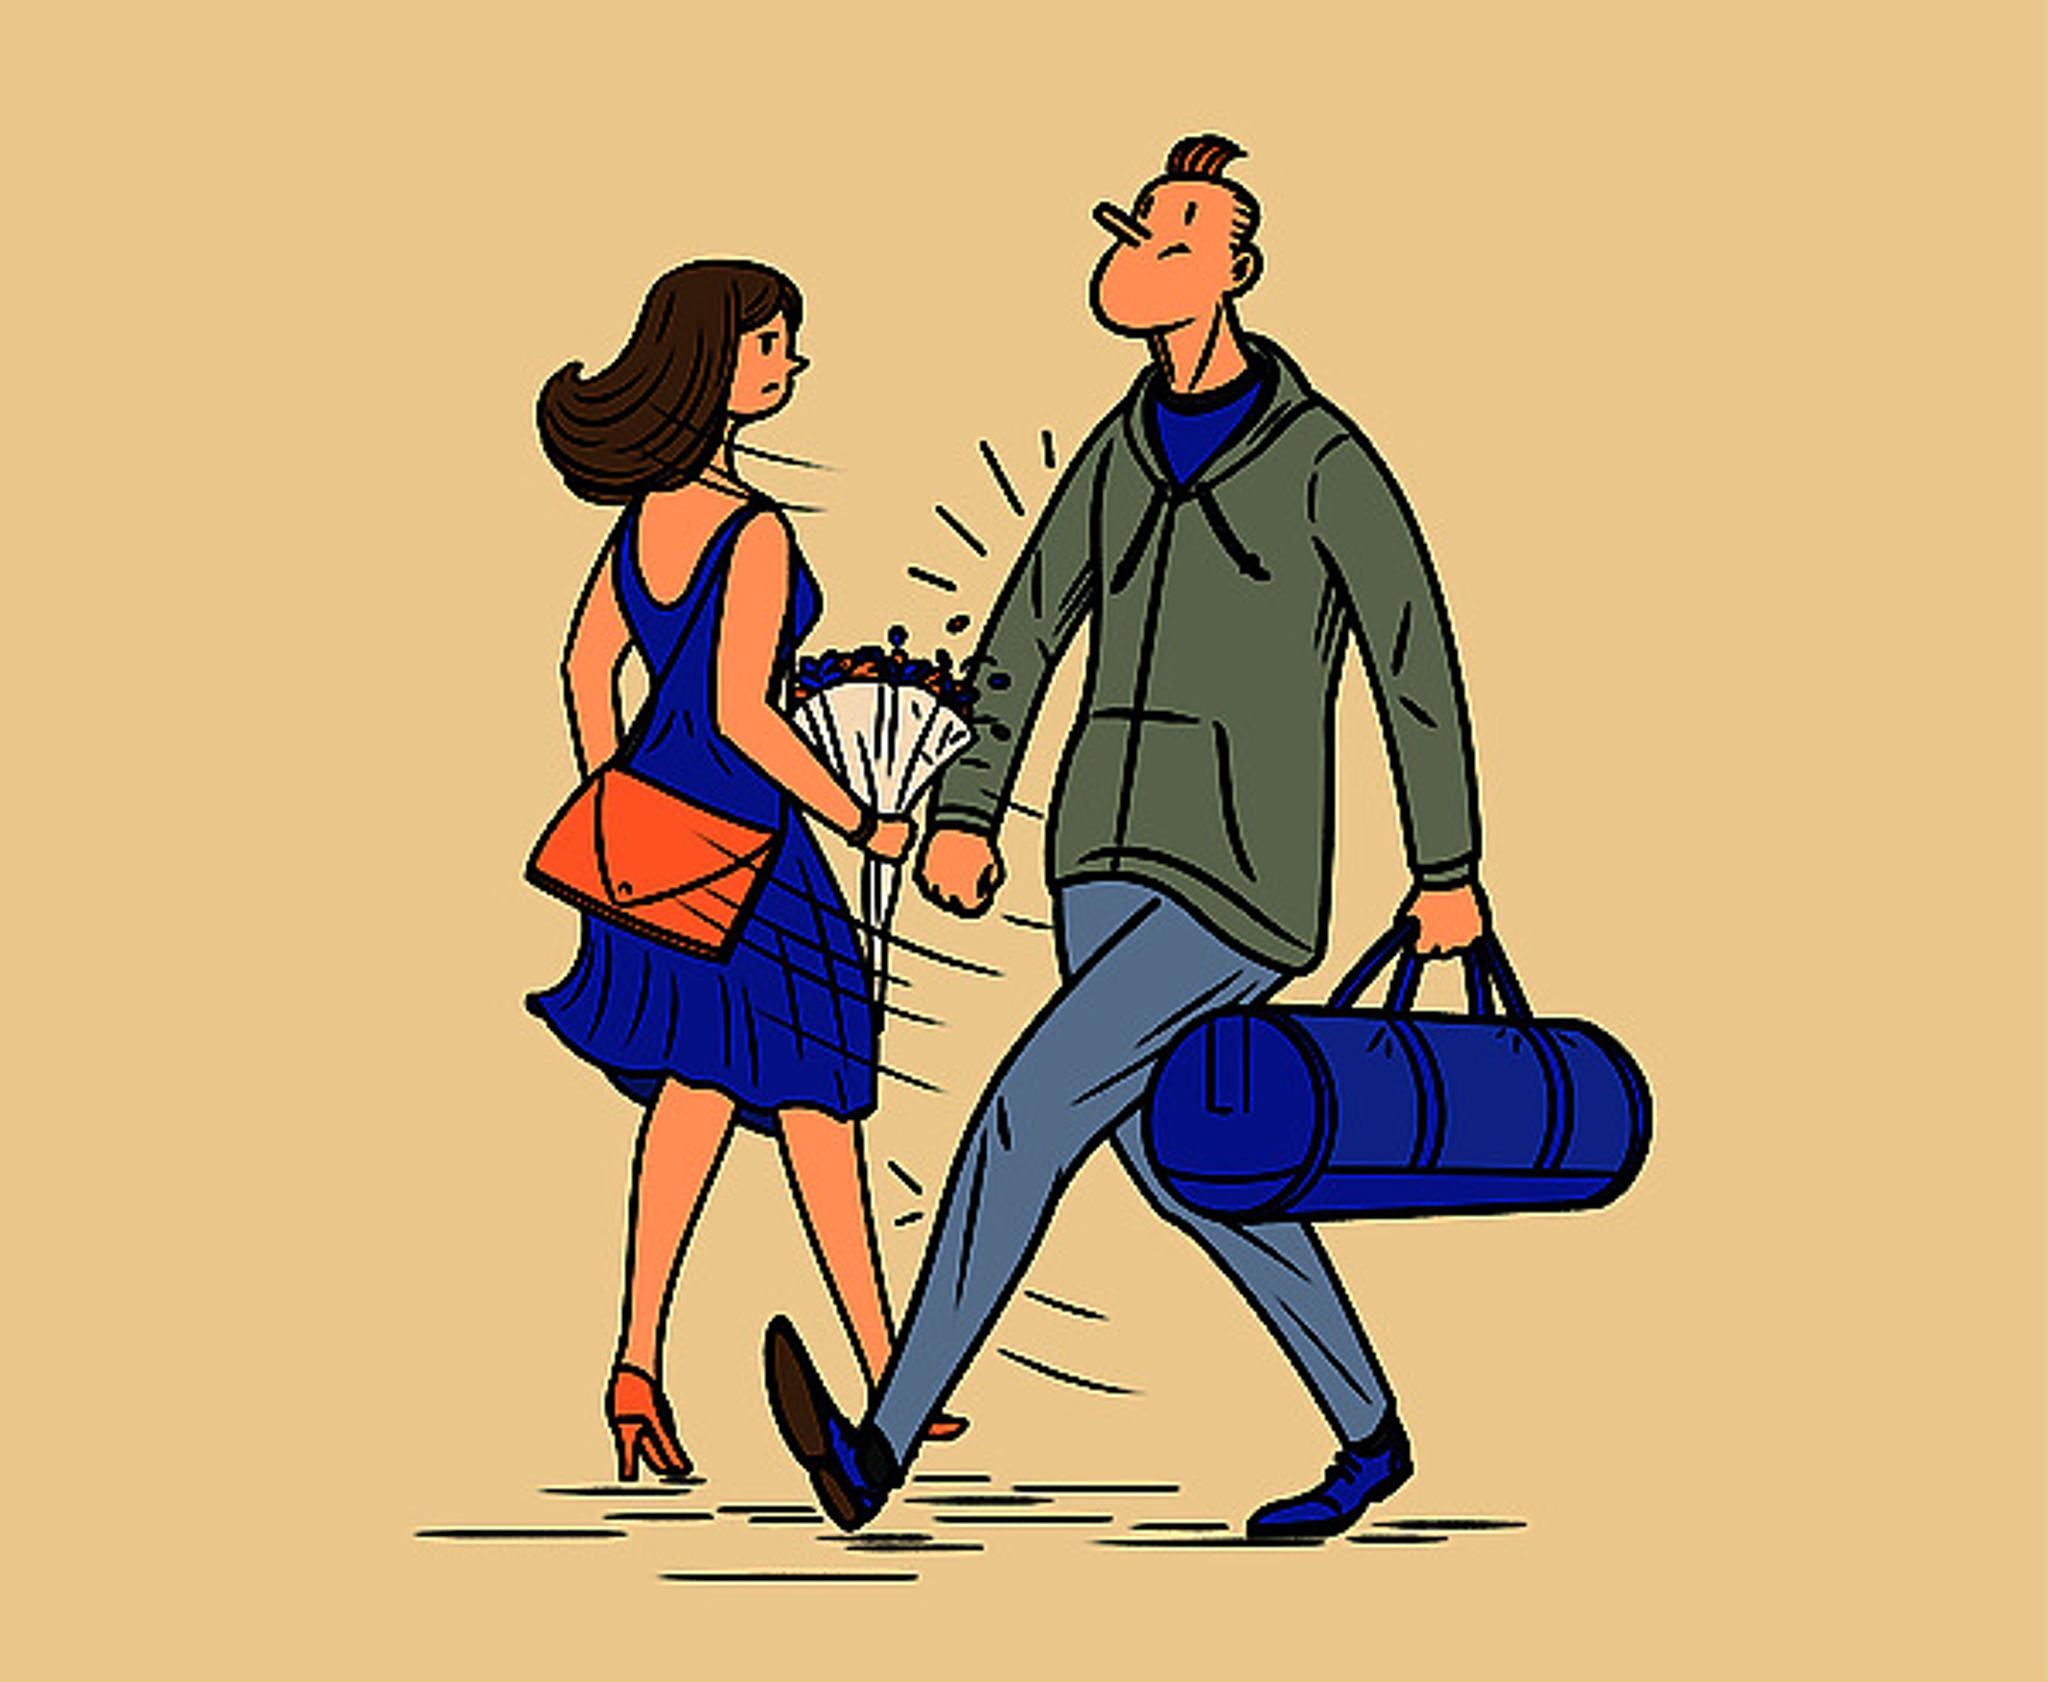 vapaa dating sites ei kirjautumisen ei luotto korttia